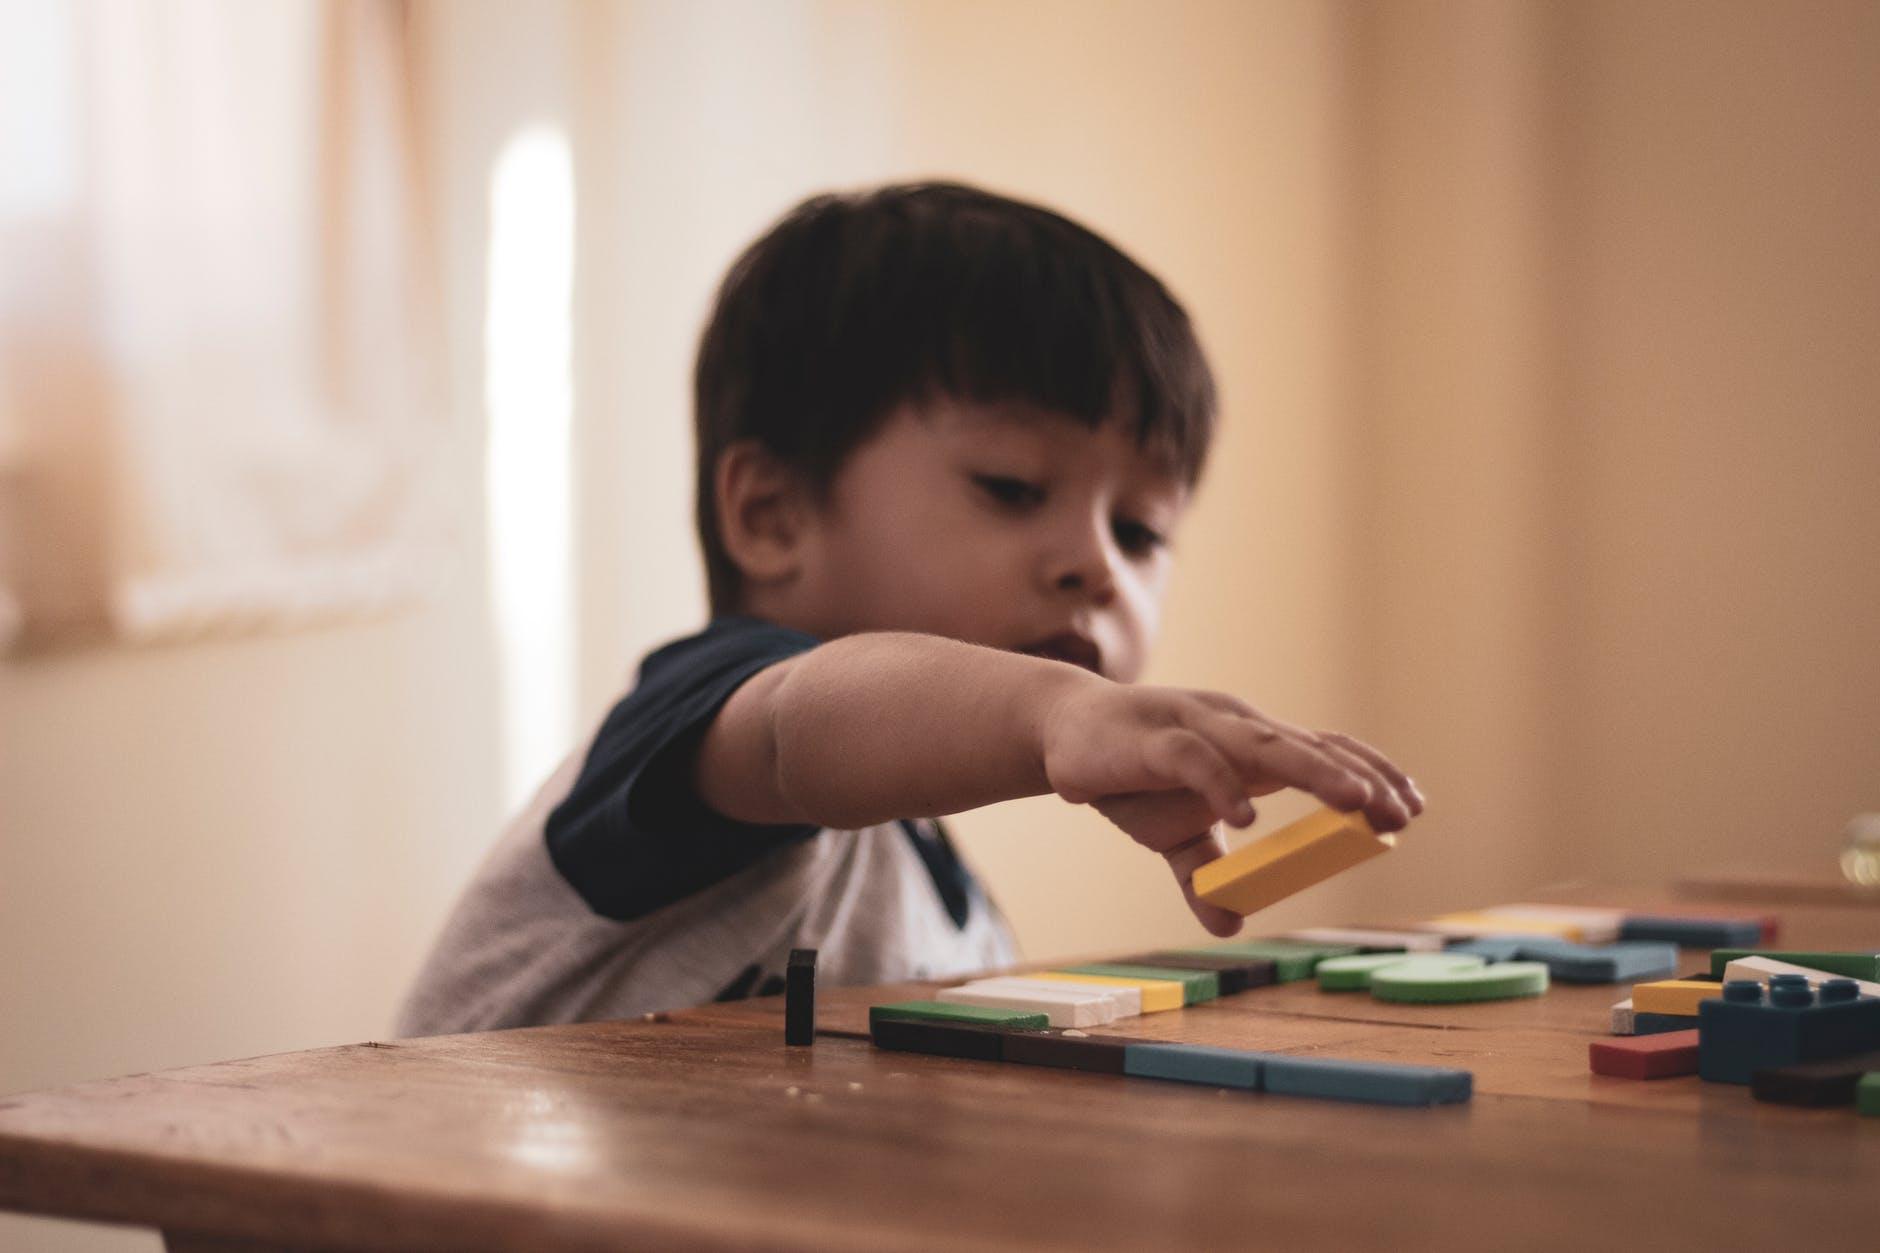 lego-bambini-gioco